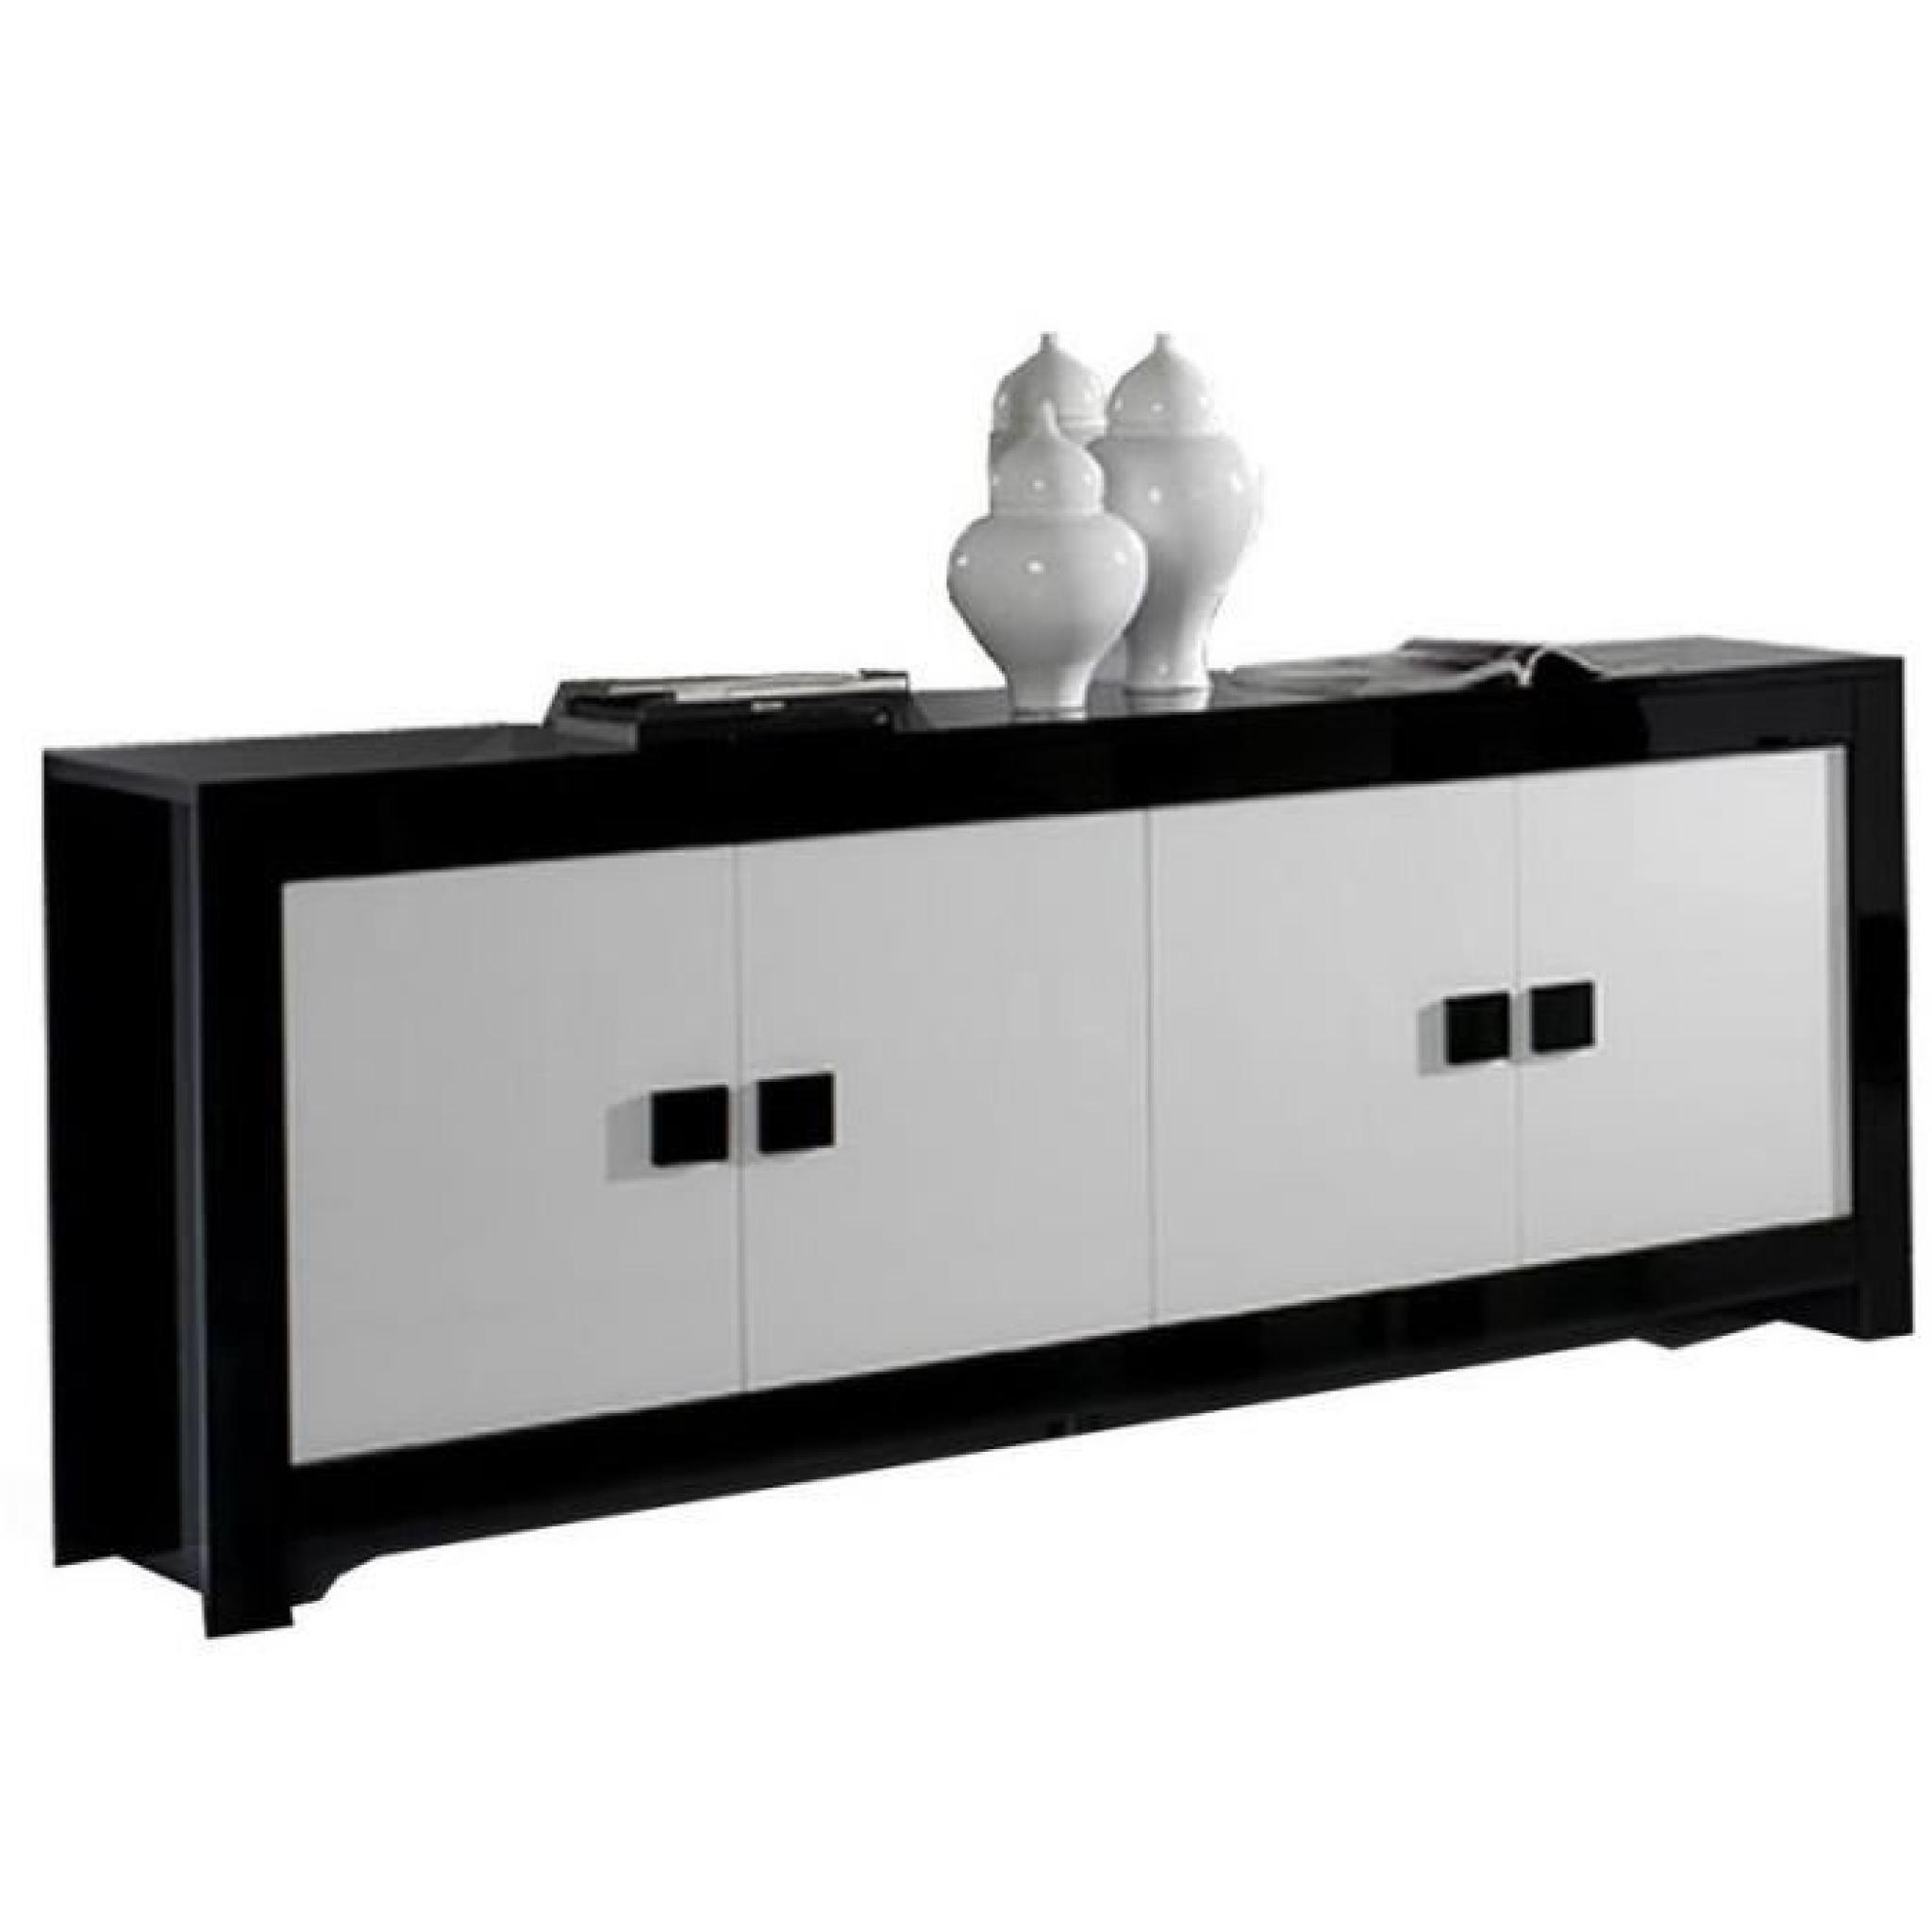 Dressoir ultra design noir et blanc laqu 4 portes for Meuble 4 portes noir laque